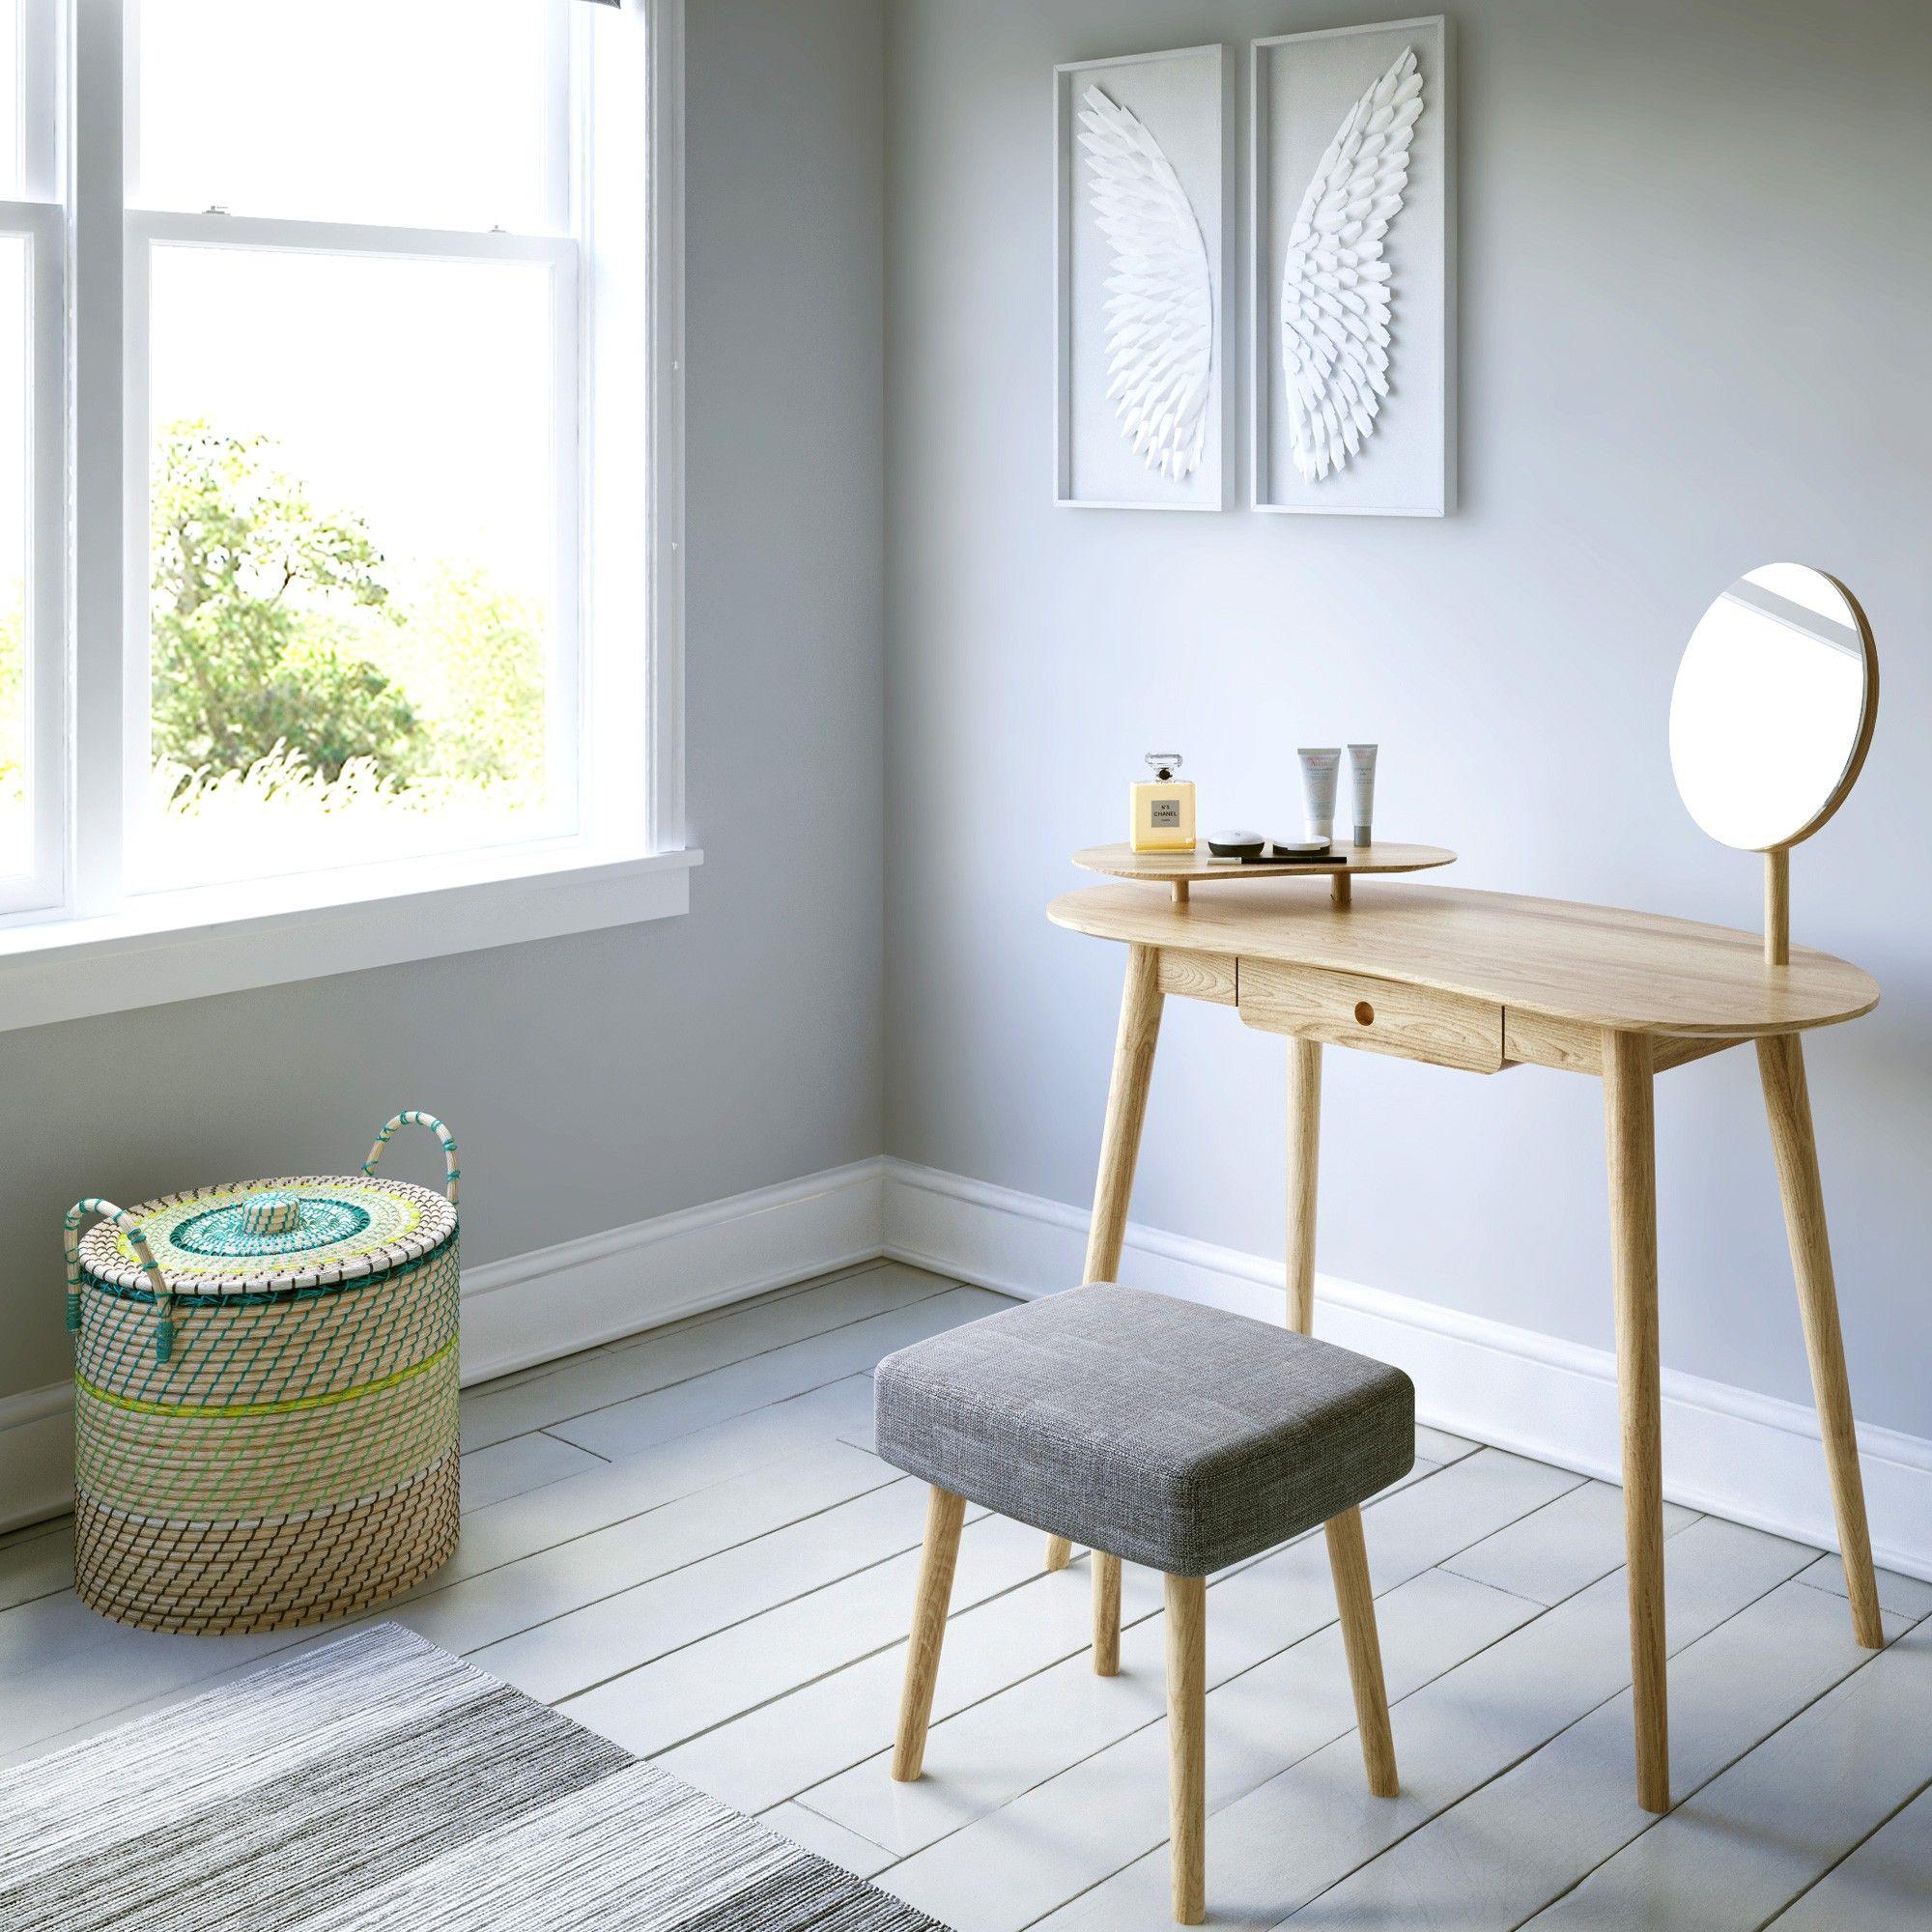 Cuisine & Maison Meubles Selsey Scandinavia Blanc/bois De ... à Brumisateur De Jardin